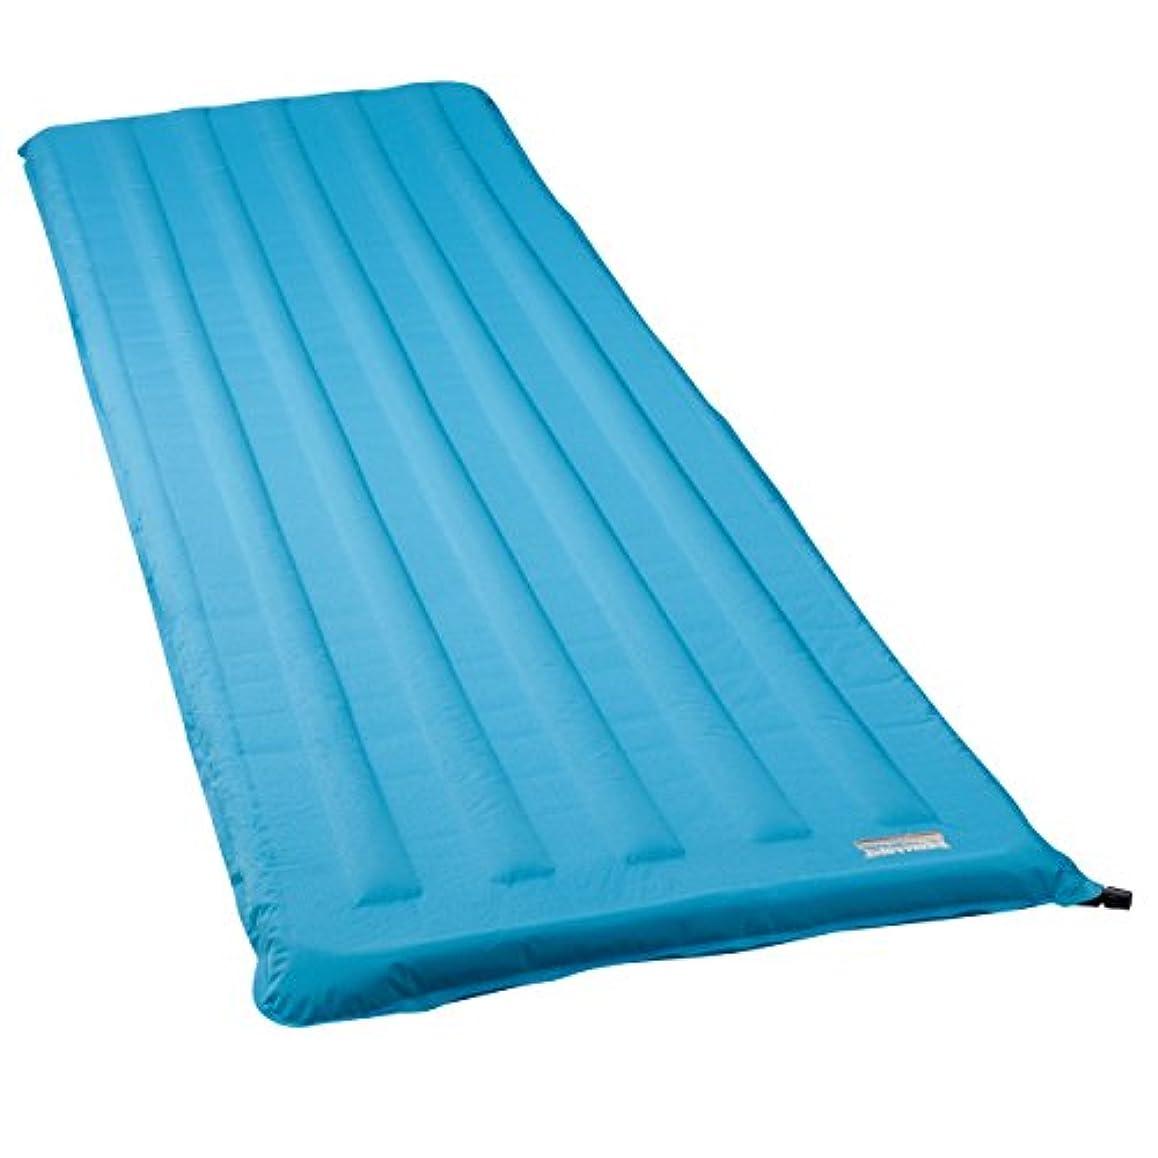 不機嫌ホース信号[サーマレスト]Therm-a-Rest BaseCamp AF Sleeping Pad スリーピングパッド MEDITERRANEAN BLUE [並行輸入品]